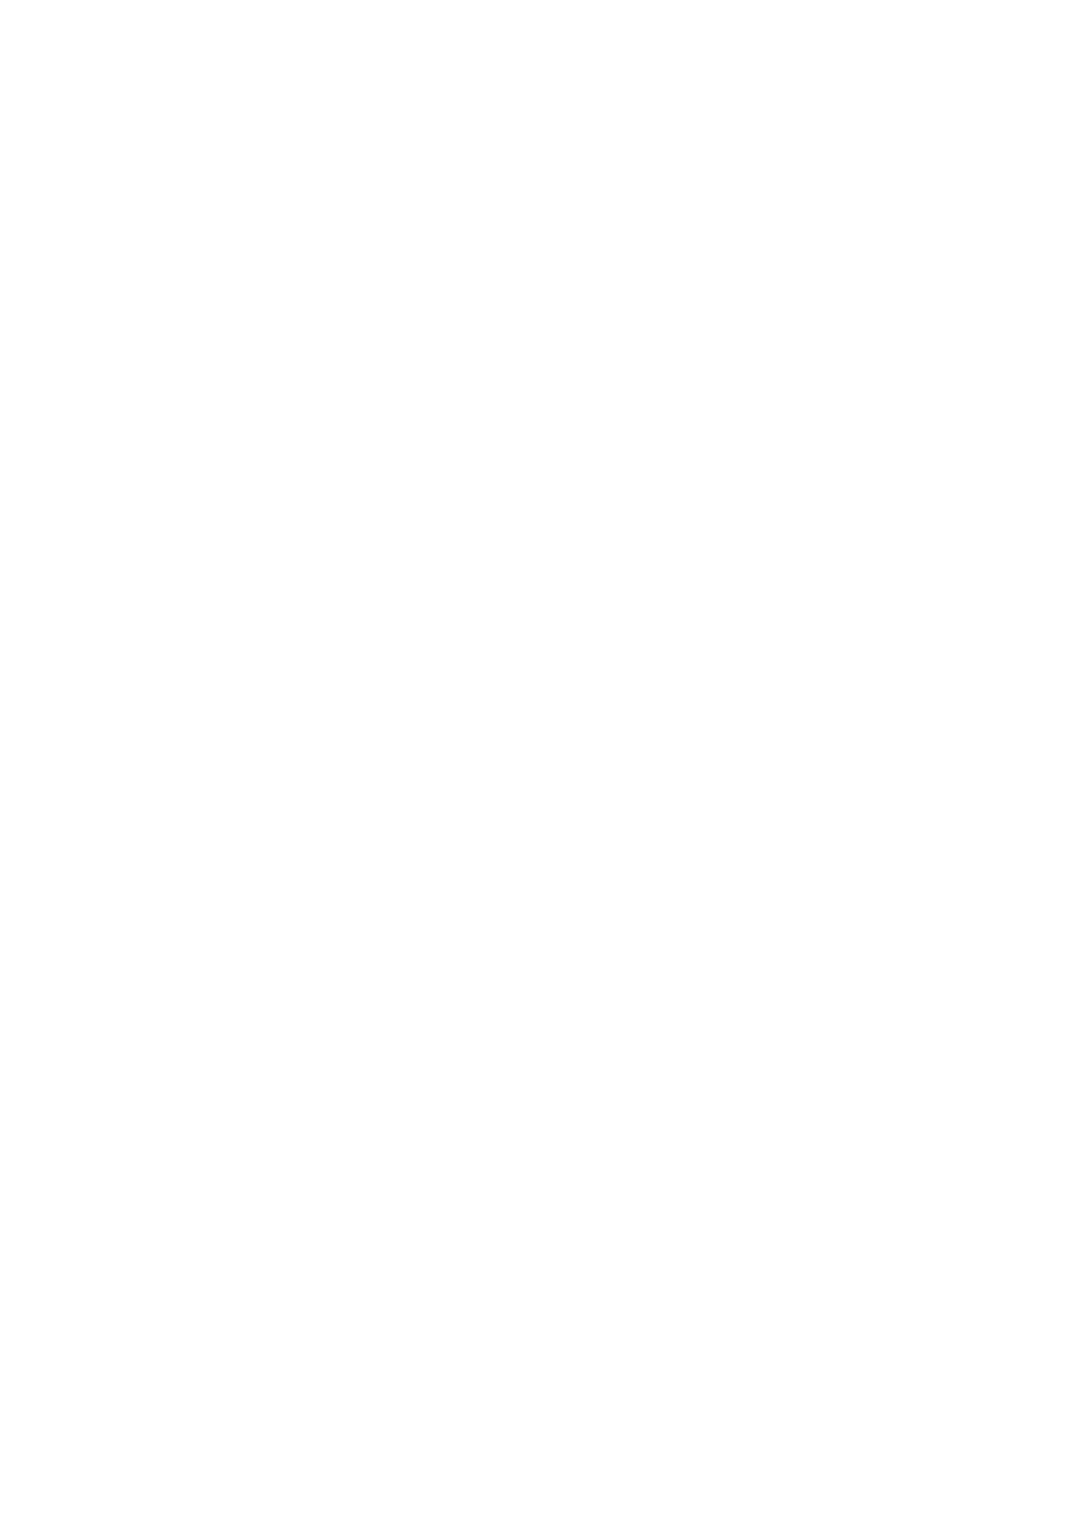 【エロ漫画】ご主人さまを癒やすべくエッチなご奉仕を施す猫耳メイド…彼女は彼に好きなように授乳させ、更には正常位でイチャラブセックスする!【わたあめのしずく:メイドなにゃんこはご主人さまを癒やしたい】